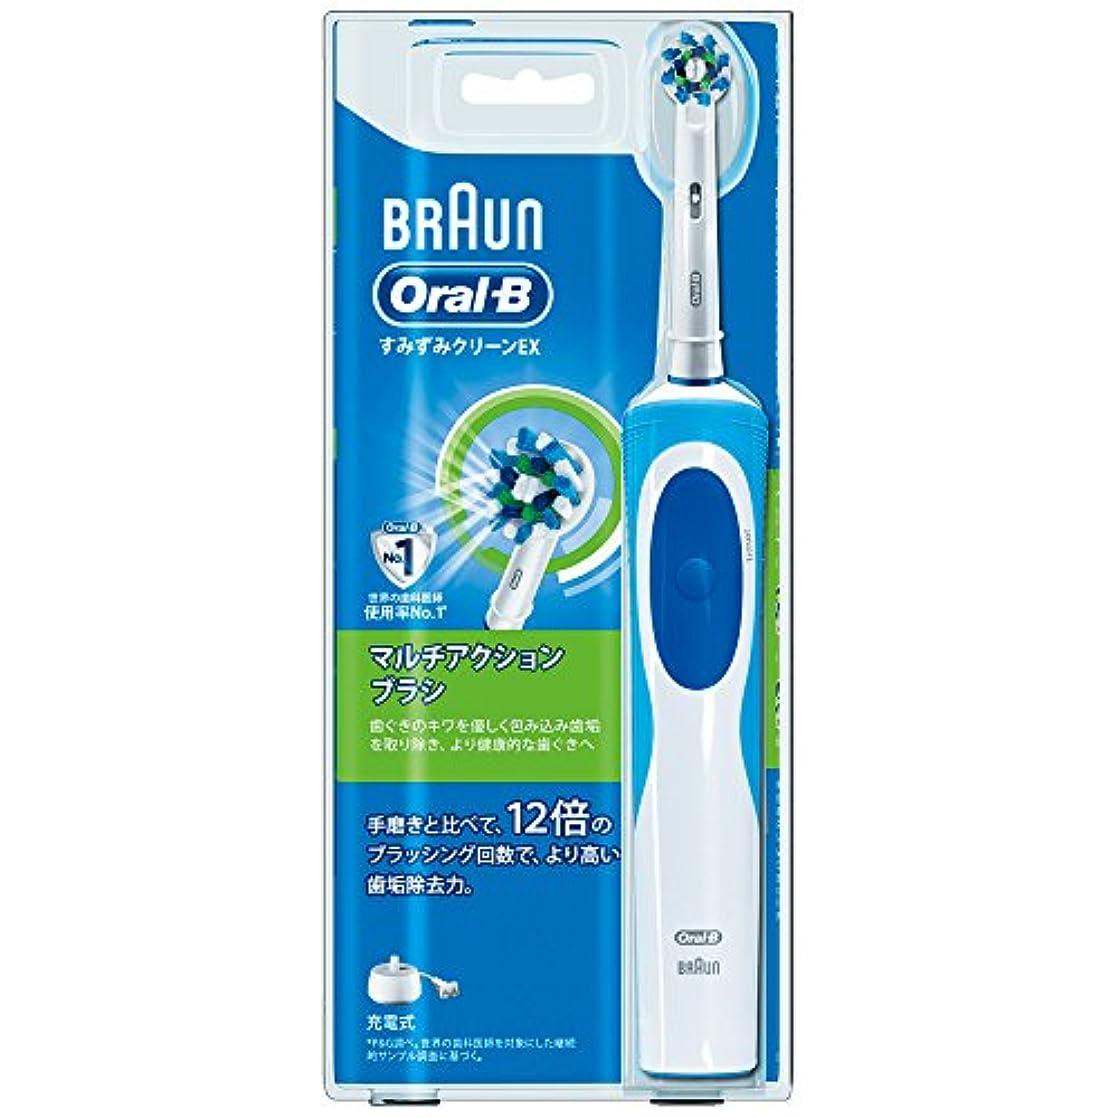 ストレス八百屋おびえたブラウン オーラルB 電動歯ブラシ すみずみクリーンEX (D12013A)